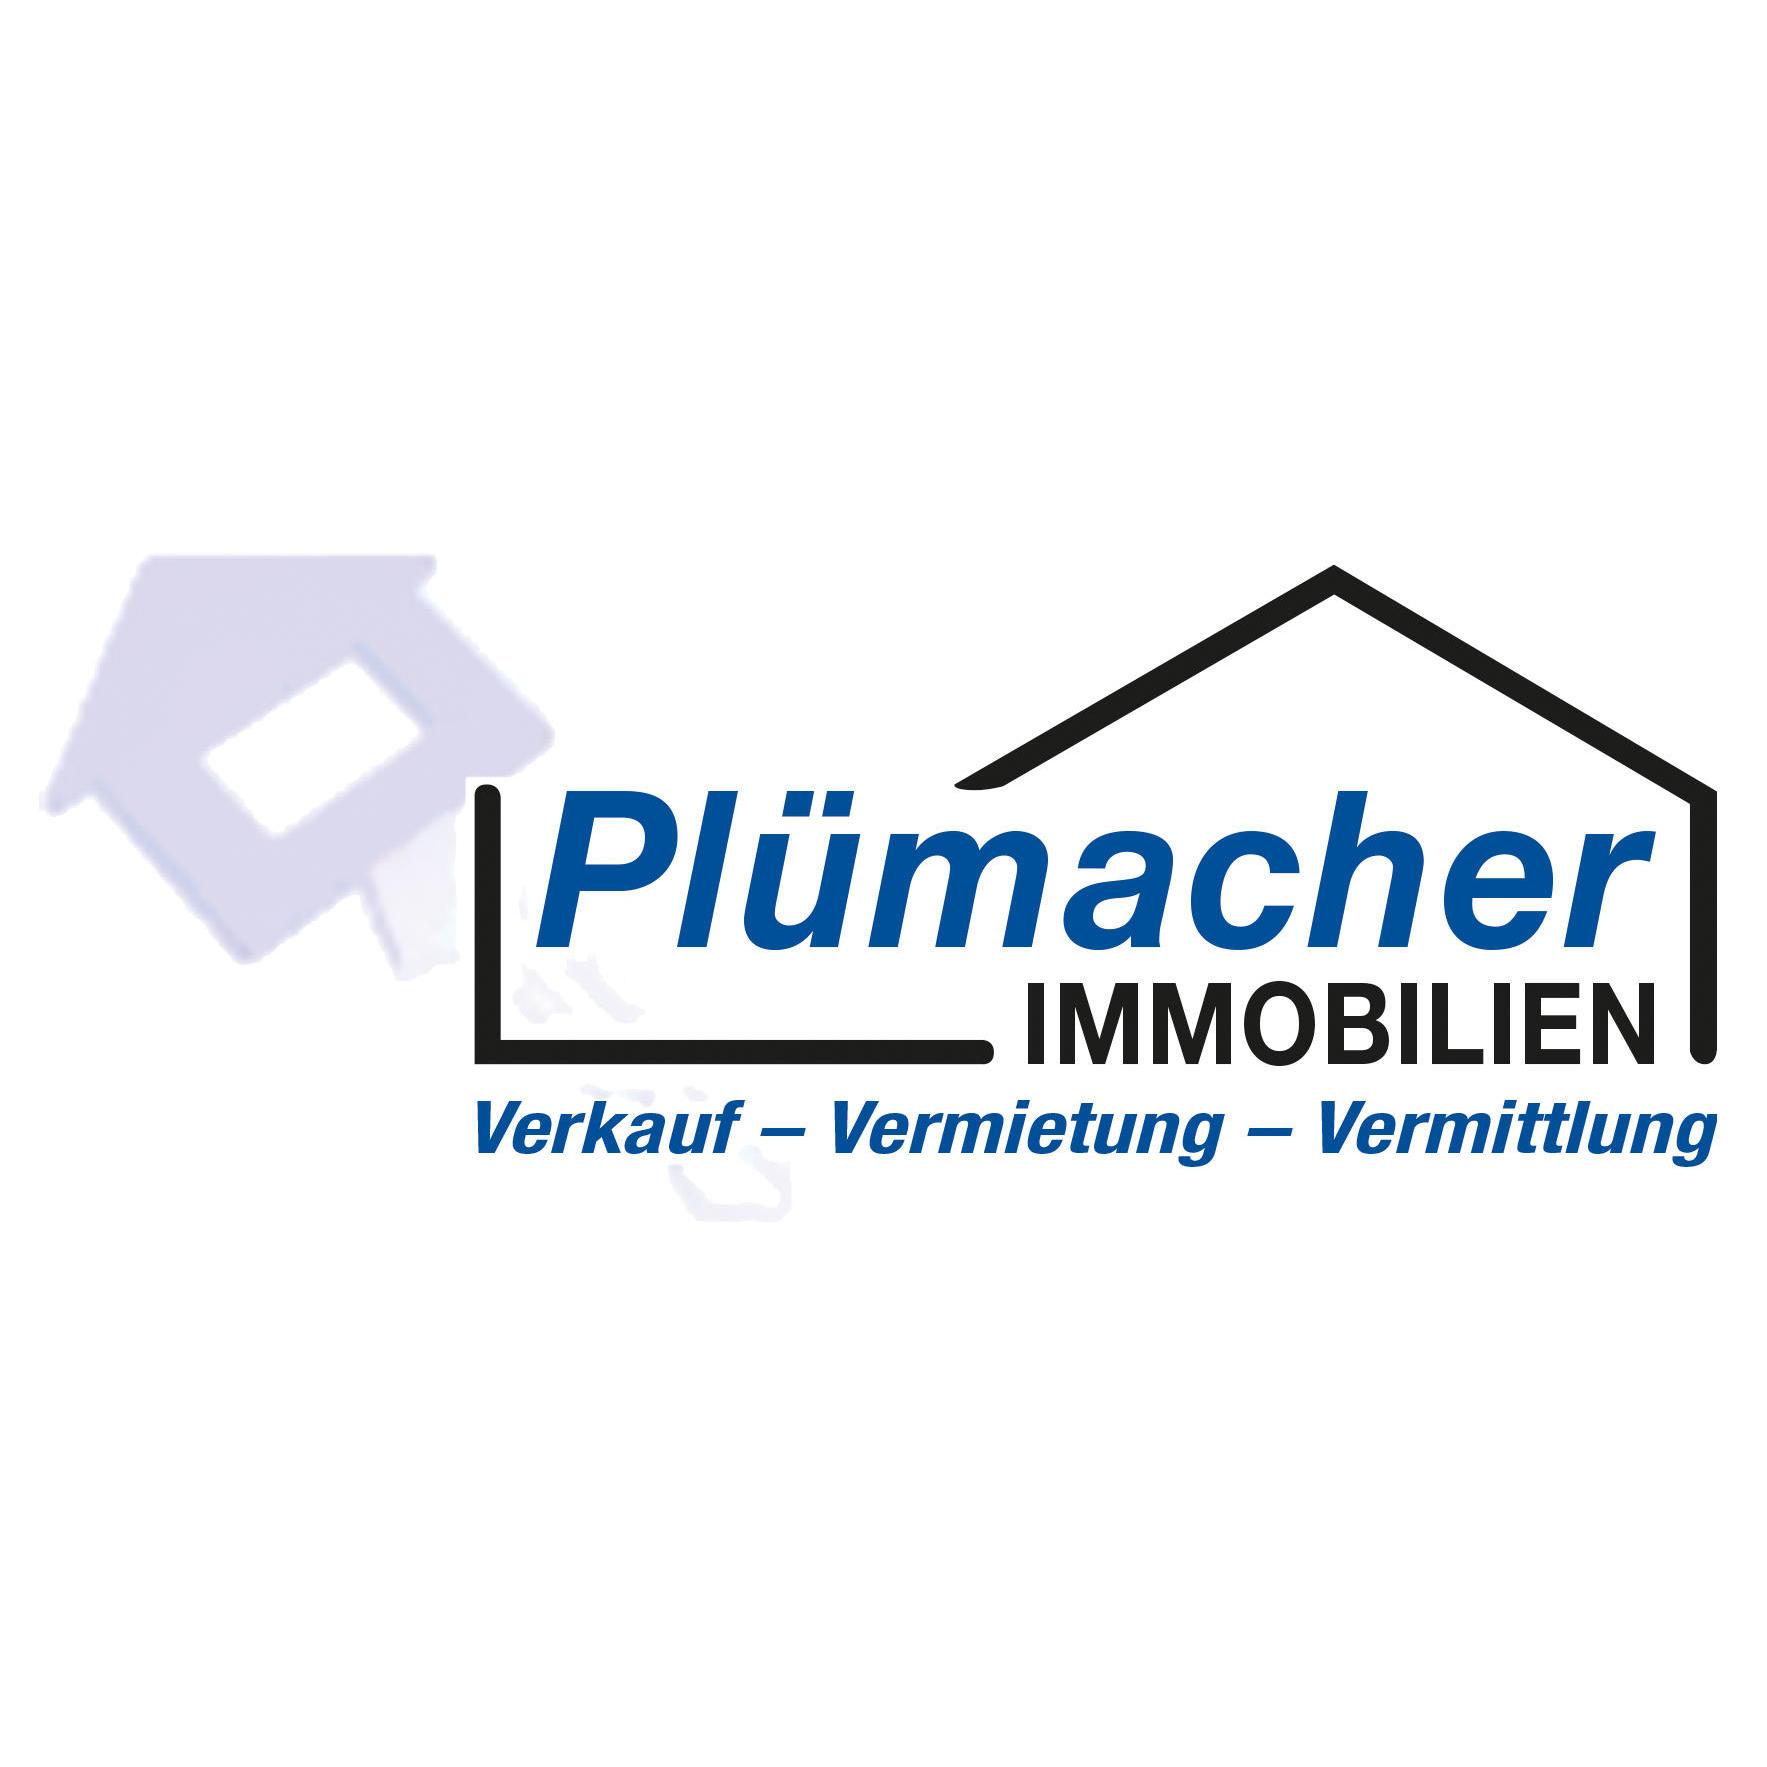 Bild zu Immobilien Dirk Plümacher in Willich